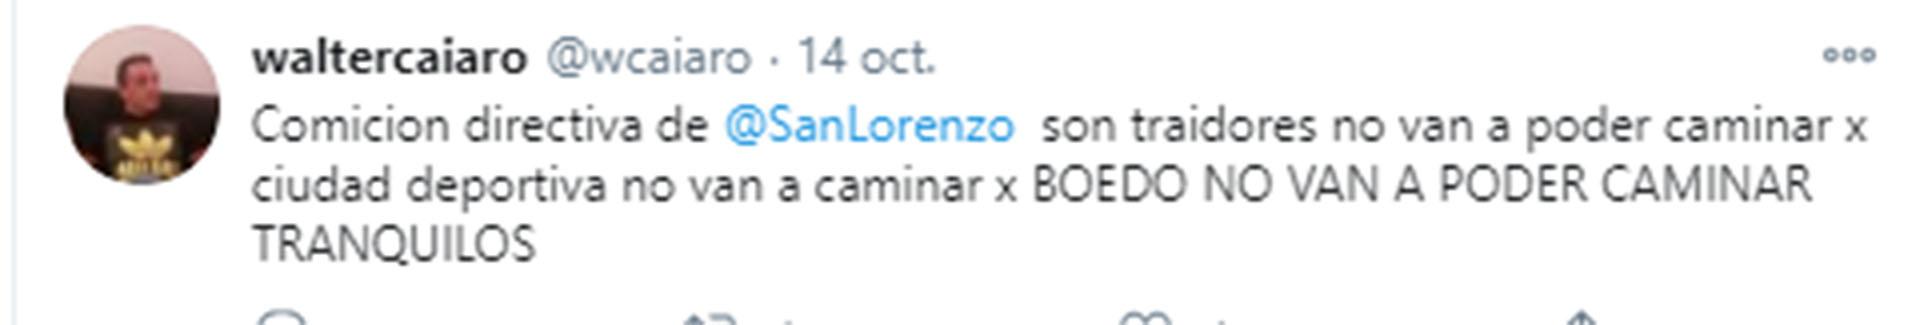 Una de las amenazas que realizó el hincha de San Lorenzo en su cuenta de Twitter